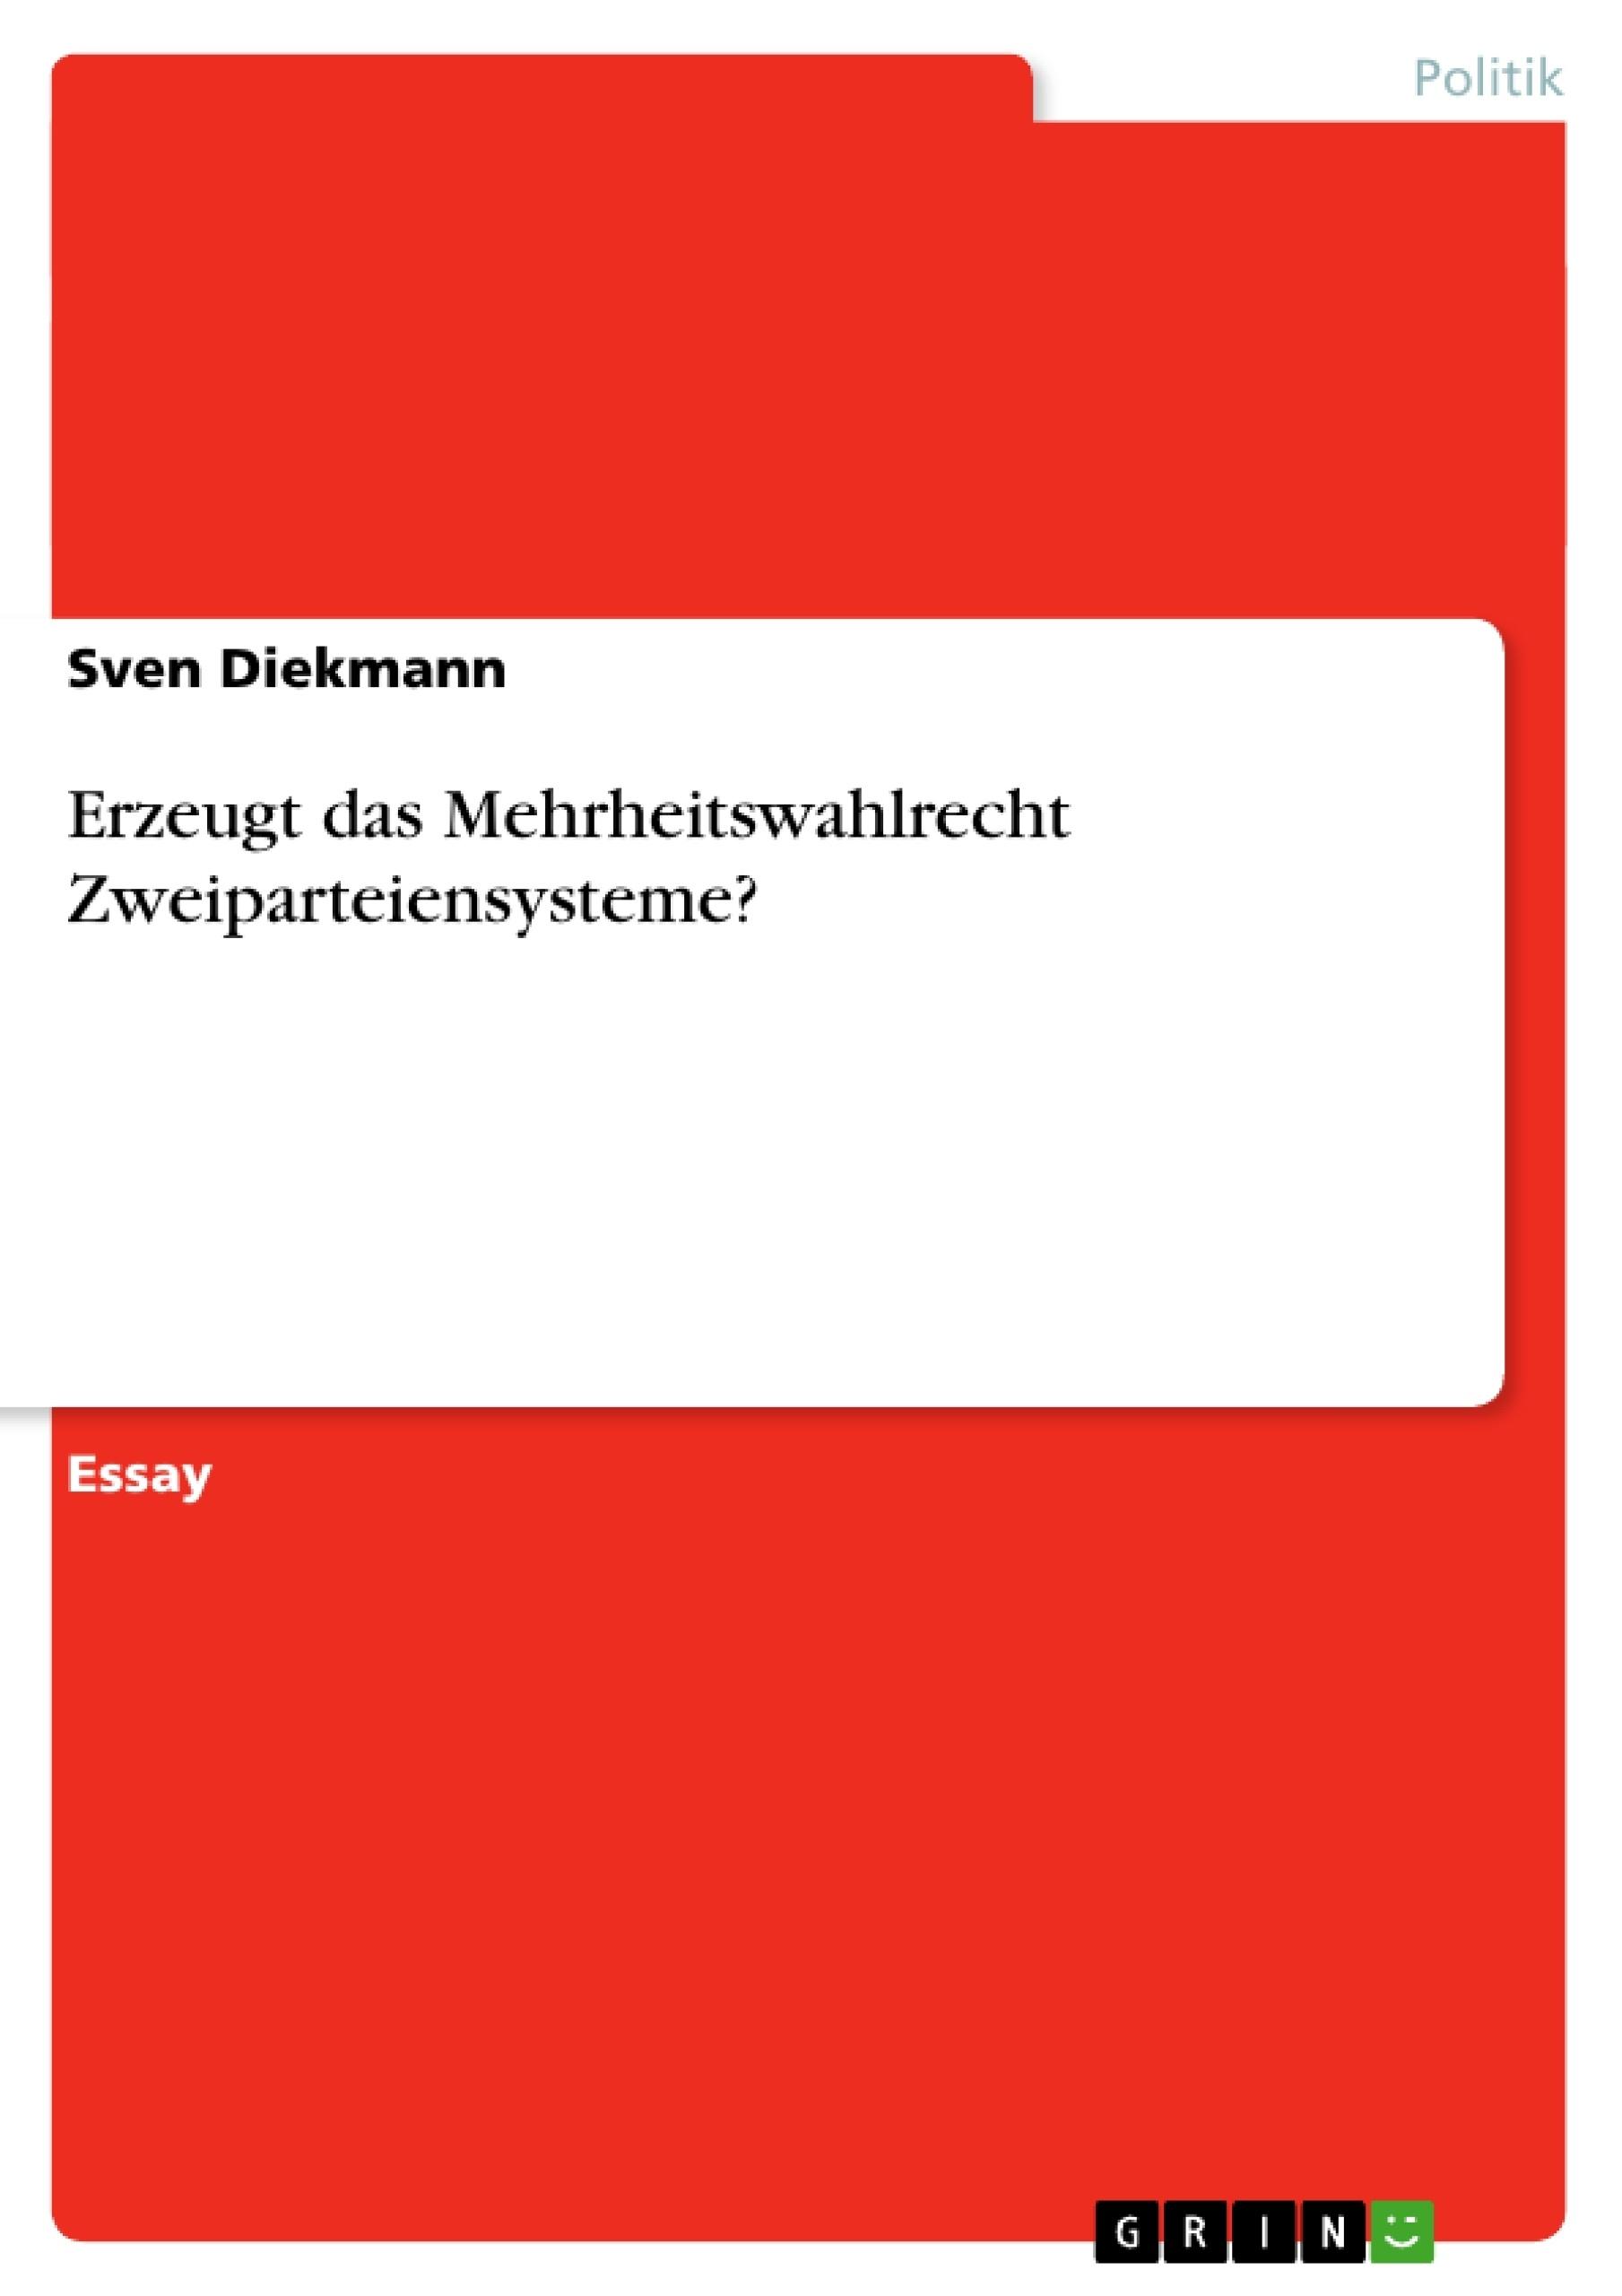 Titel: Erzeugt das Mehrheitswahlrecht Zweiparteiensysteme?